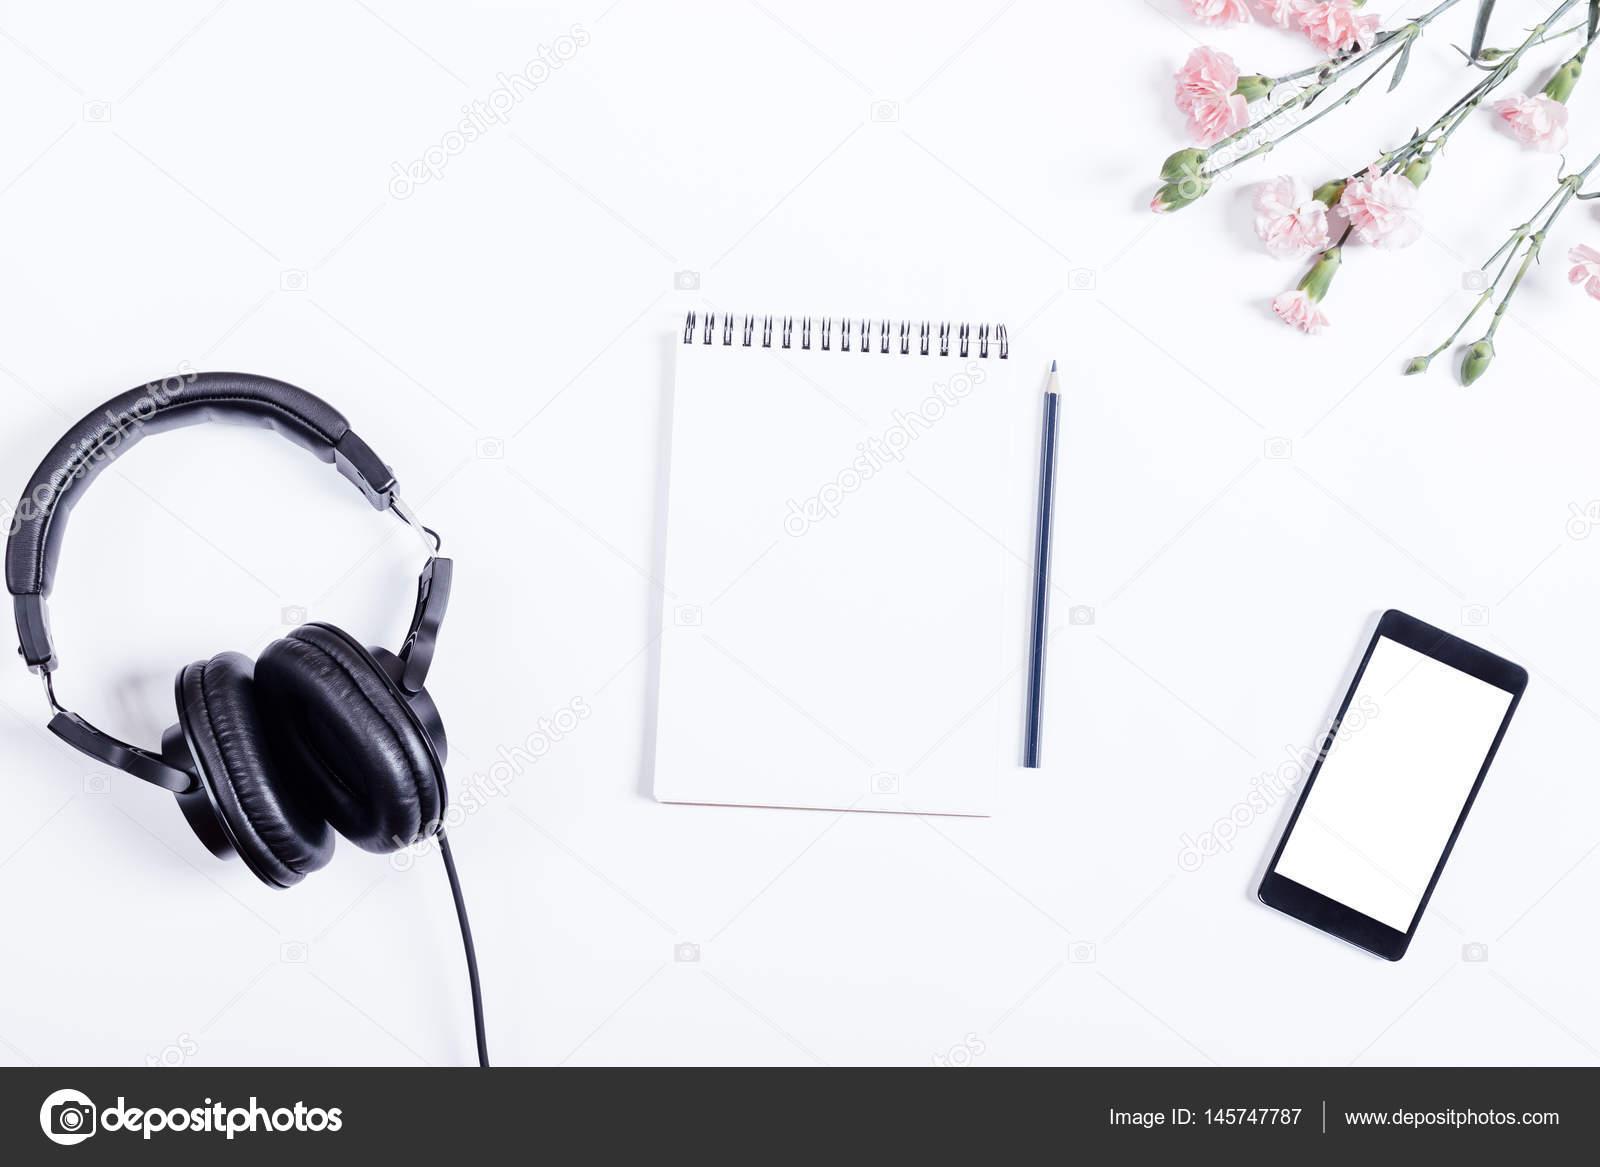 Звук карандаша бумаге скачать